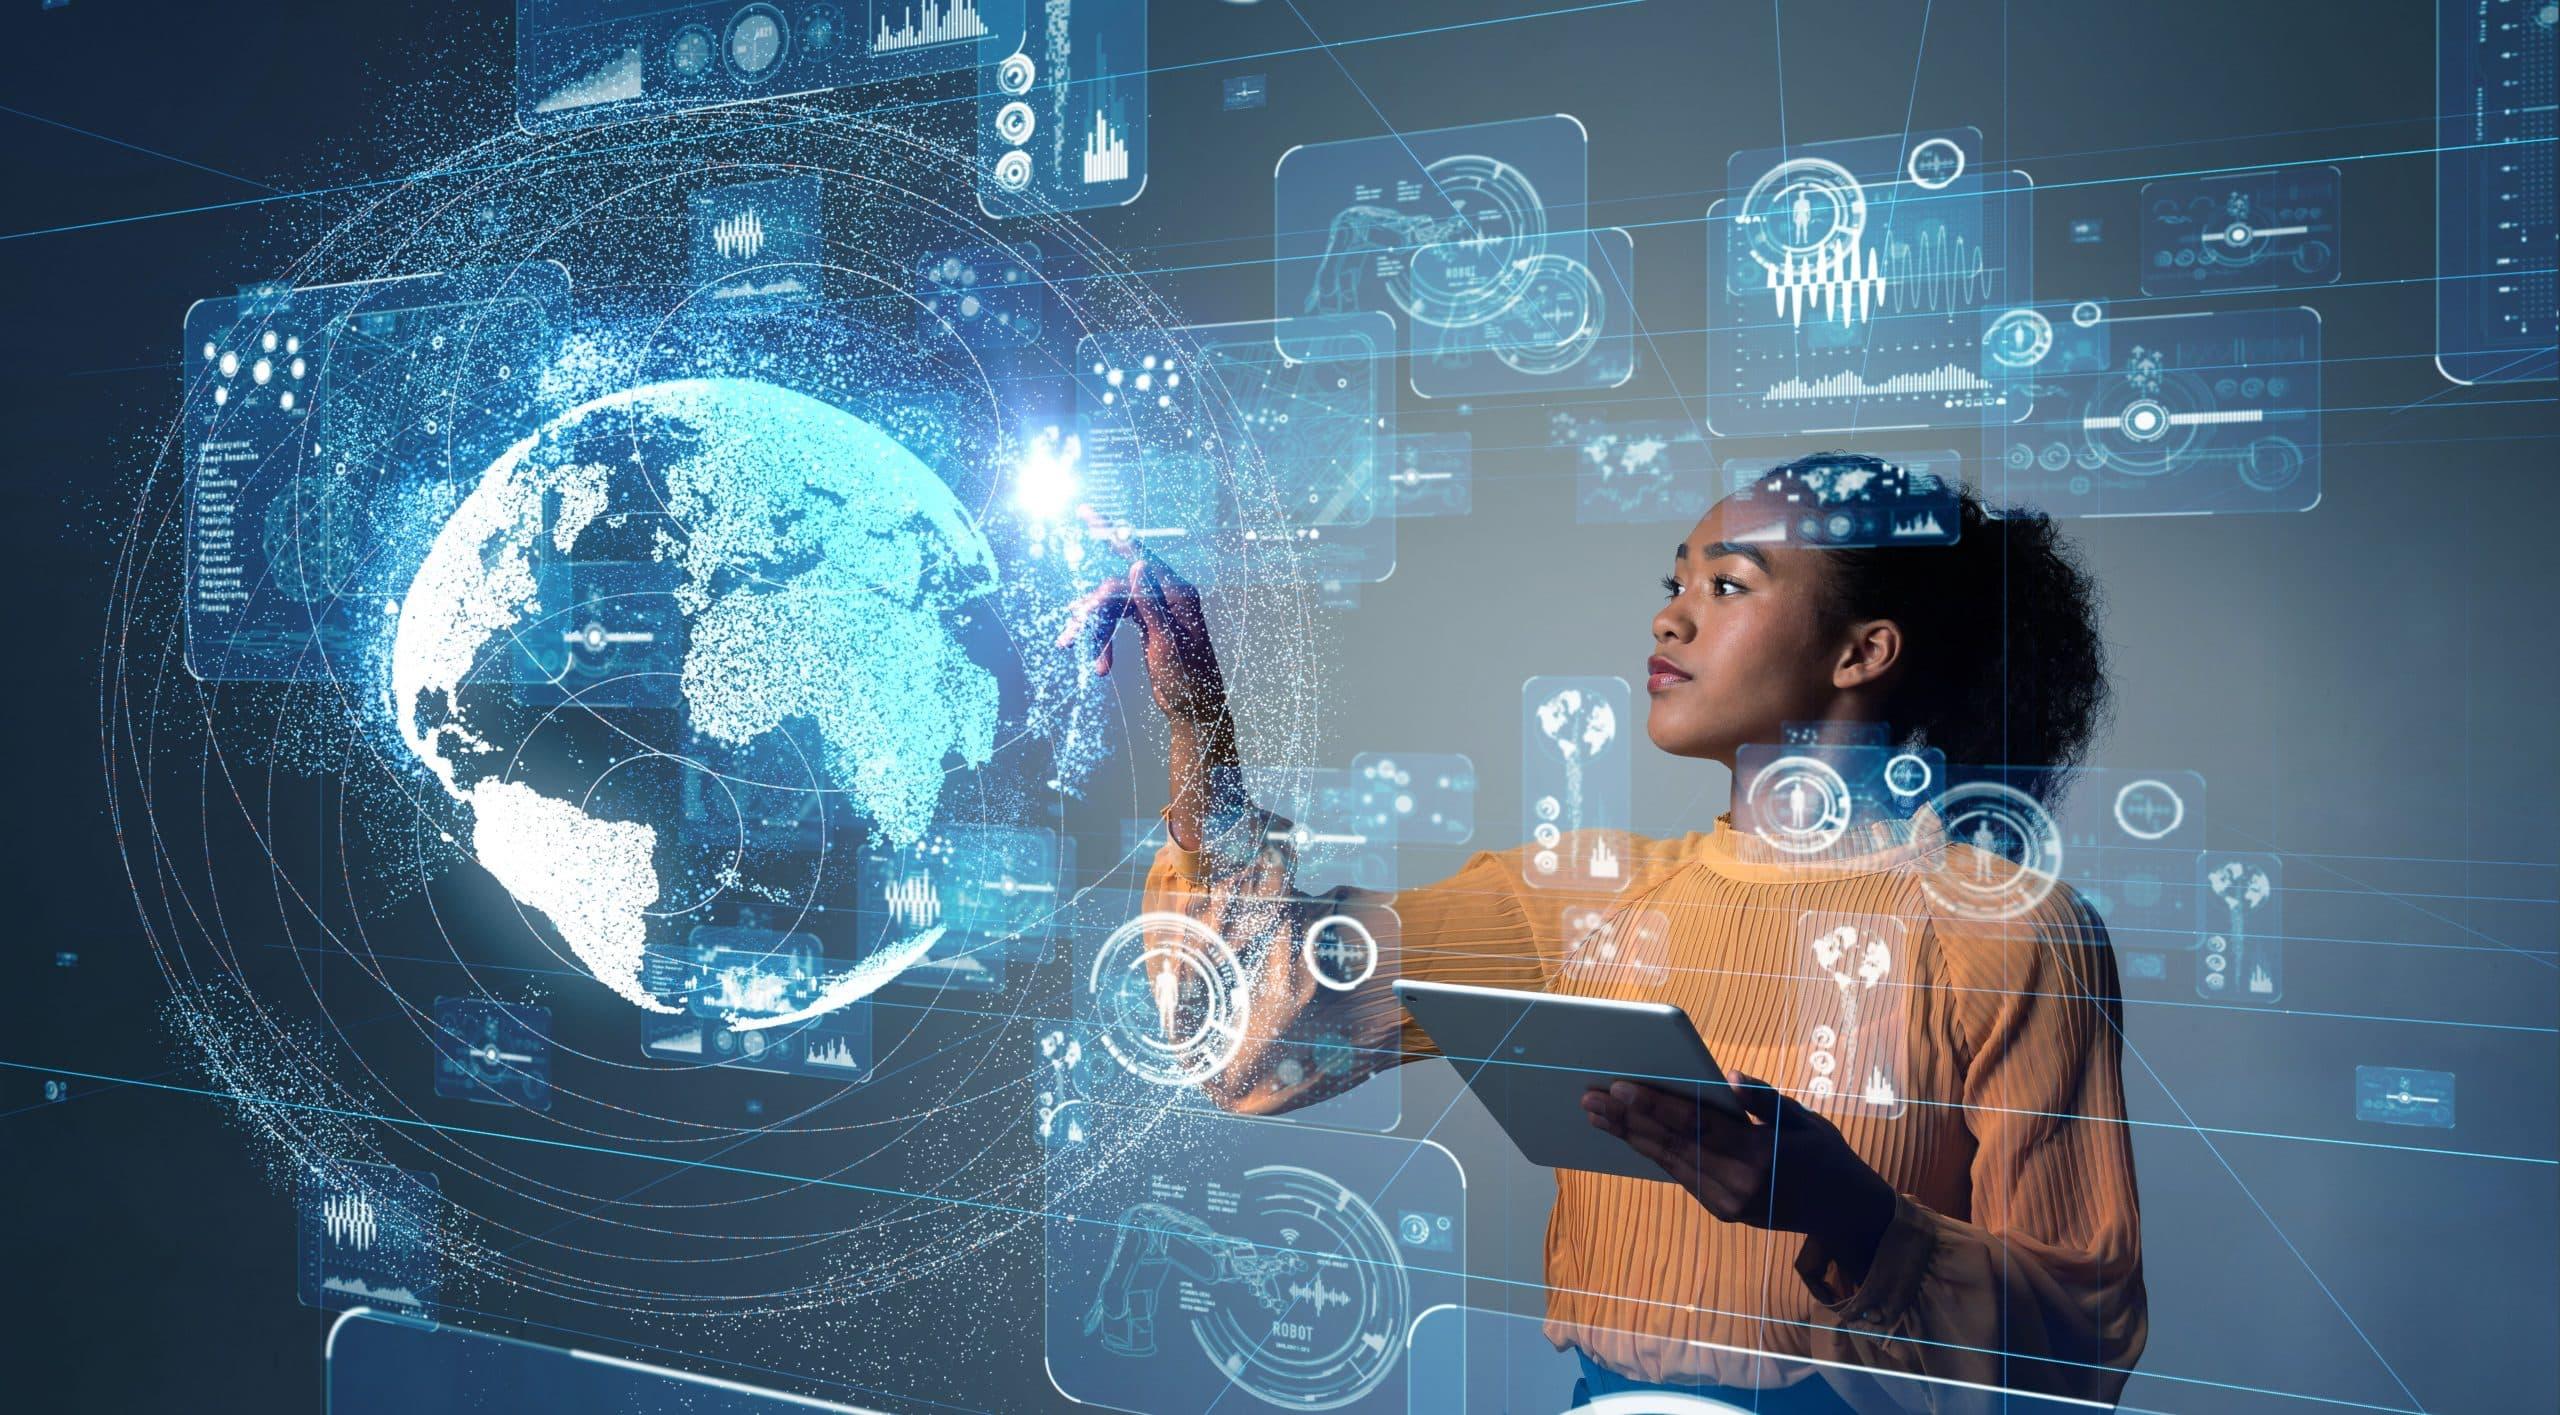 Quels sont les avantages d'utiliser le cloud pour les PME